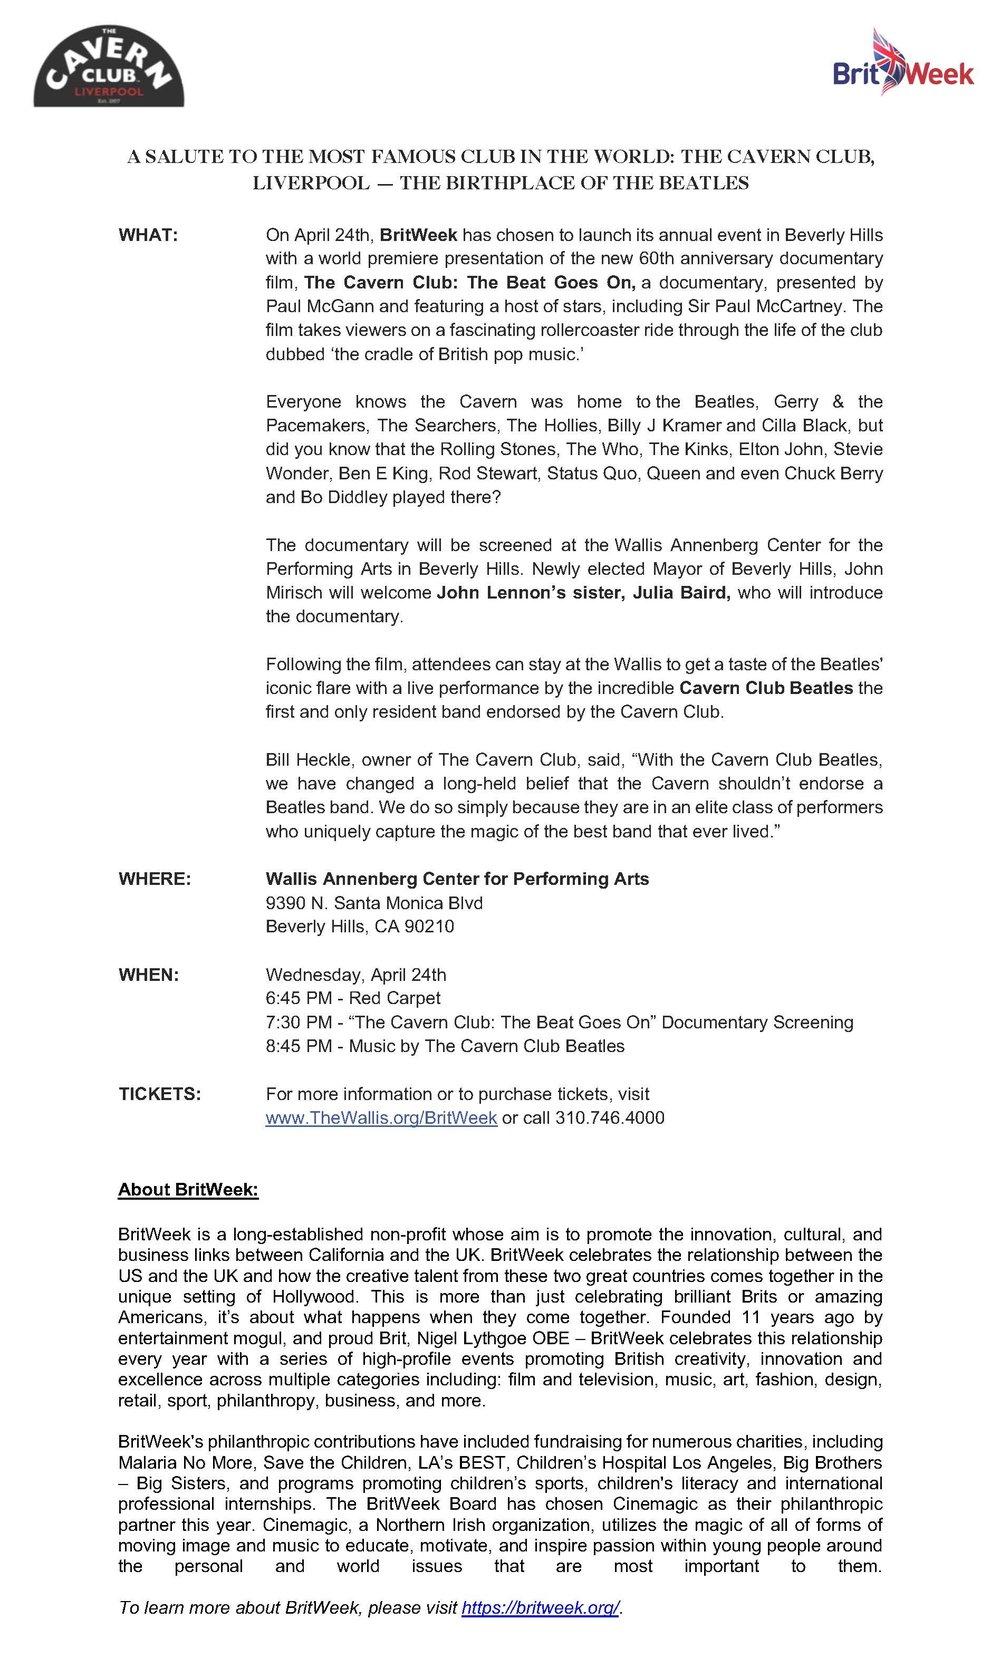 FINAL Cavern Club Beatles_Media Alert 4-2-19_Page_1.jpg